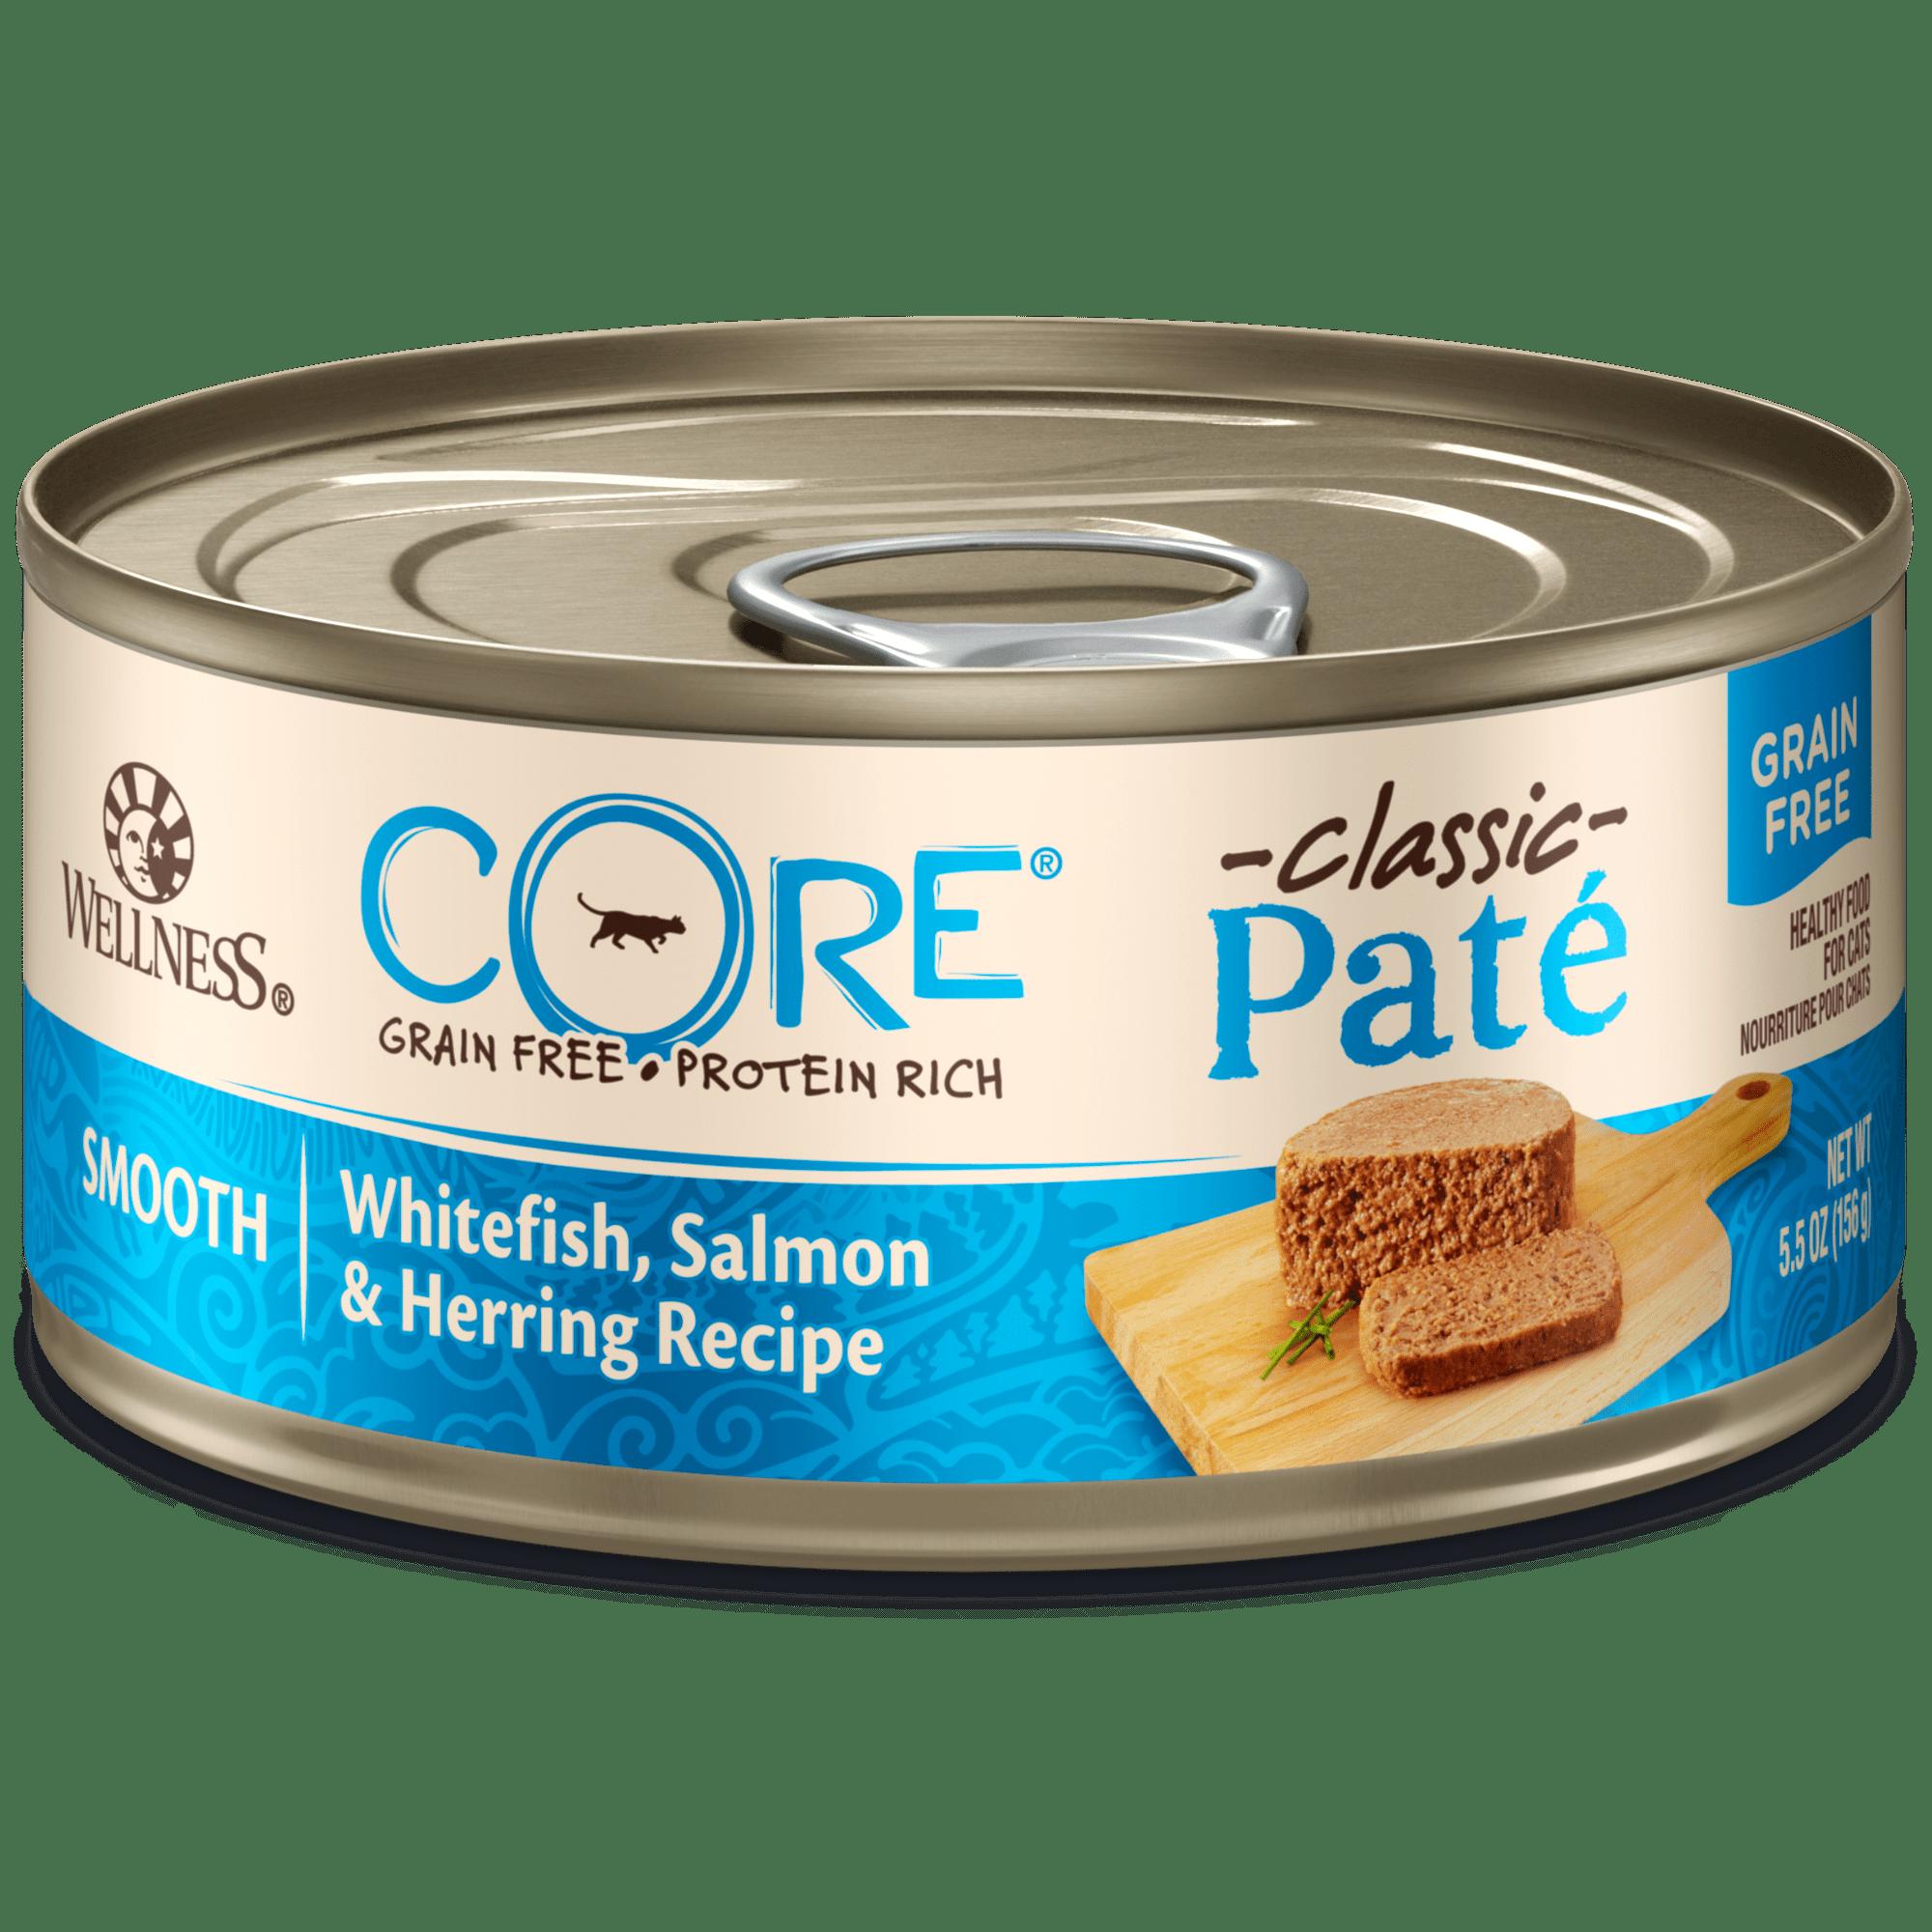 Wellness Chicken Cat Food Ingredients